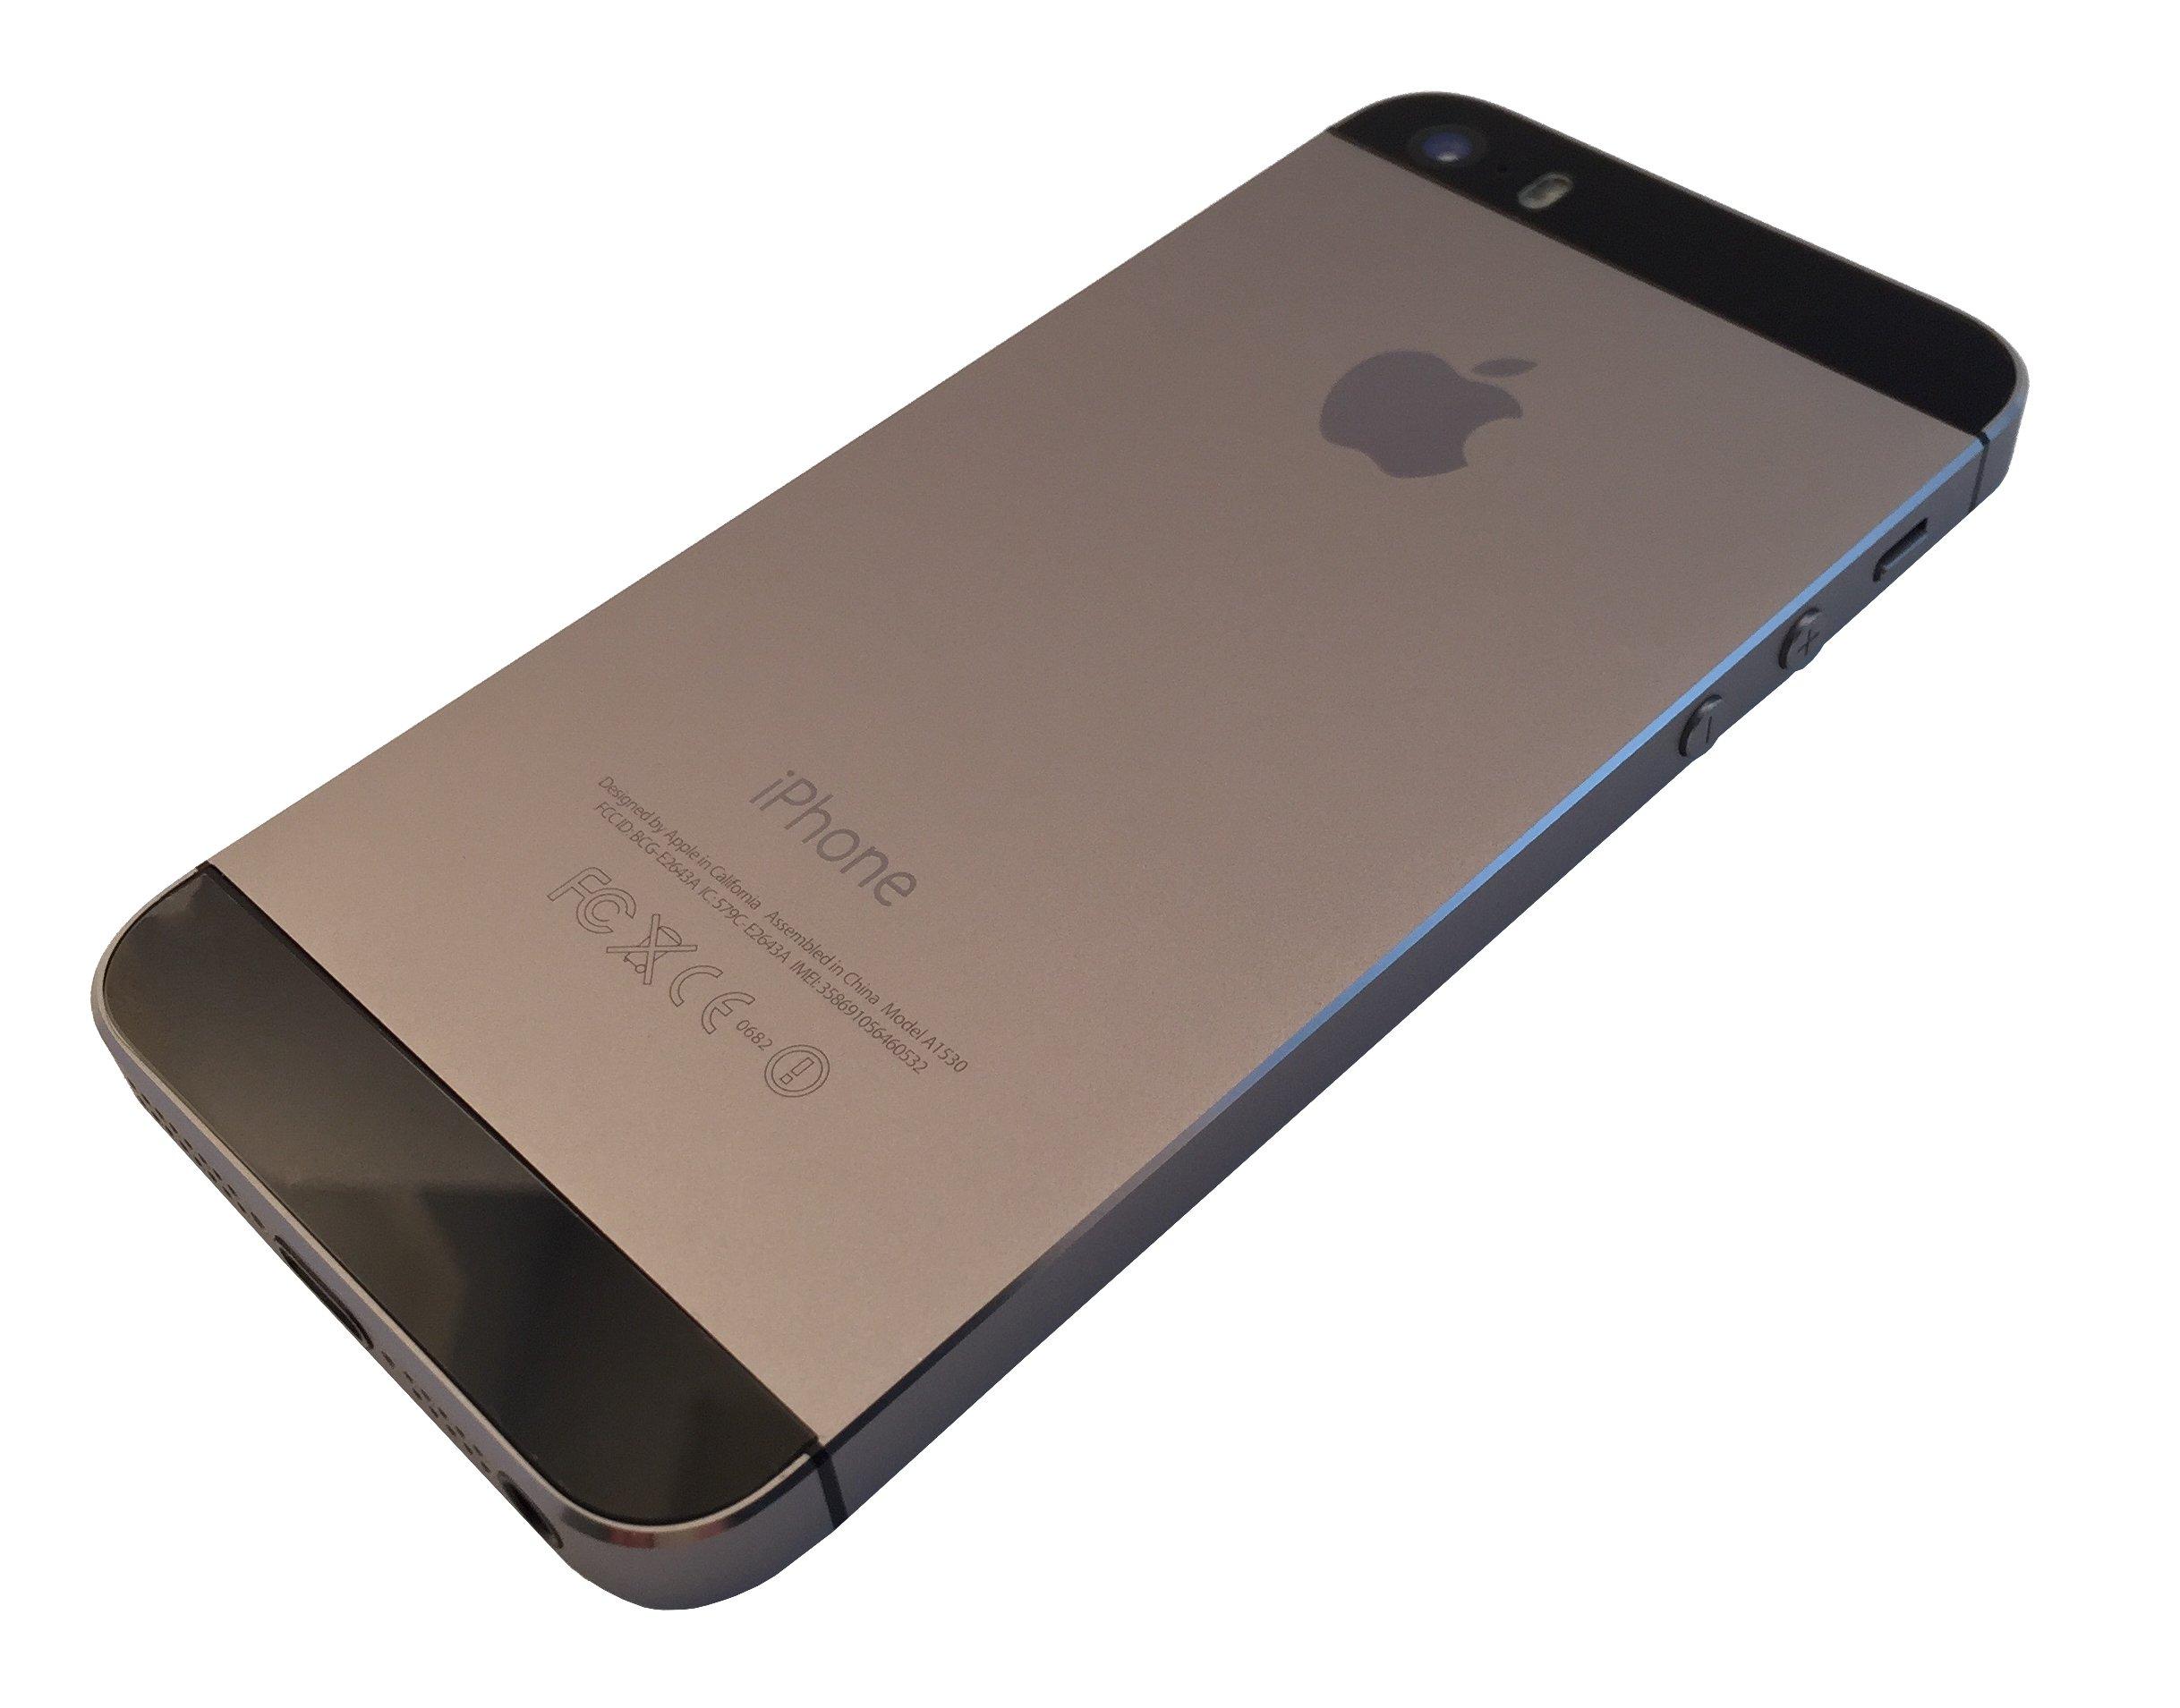 Apple - Smartphone libre iPhone 5s 16GB Gris: Amazon.es: Electrónica